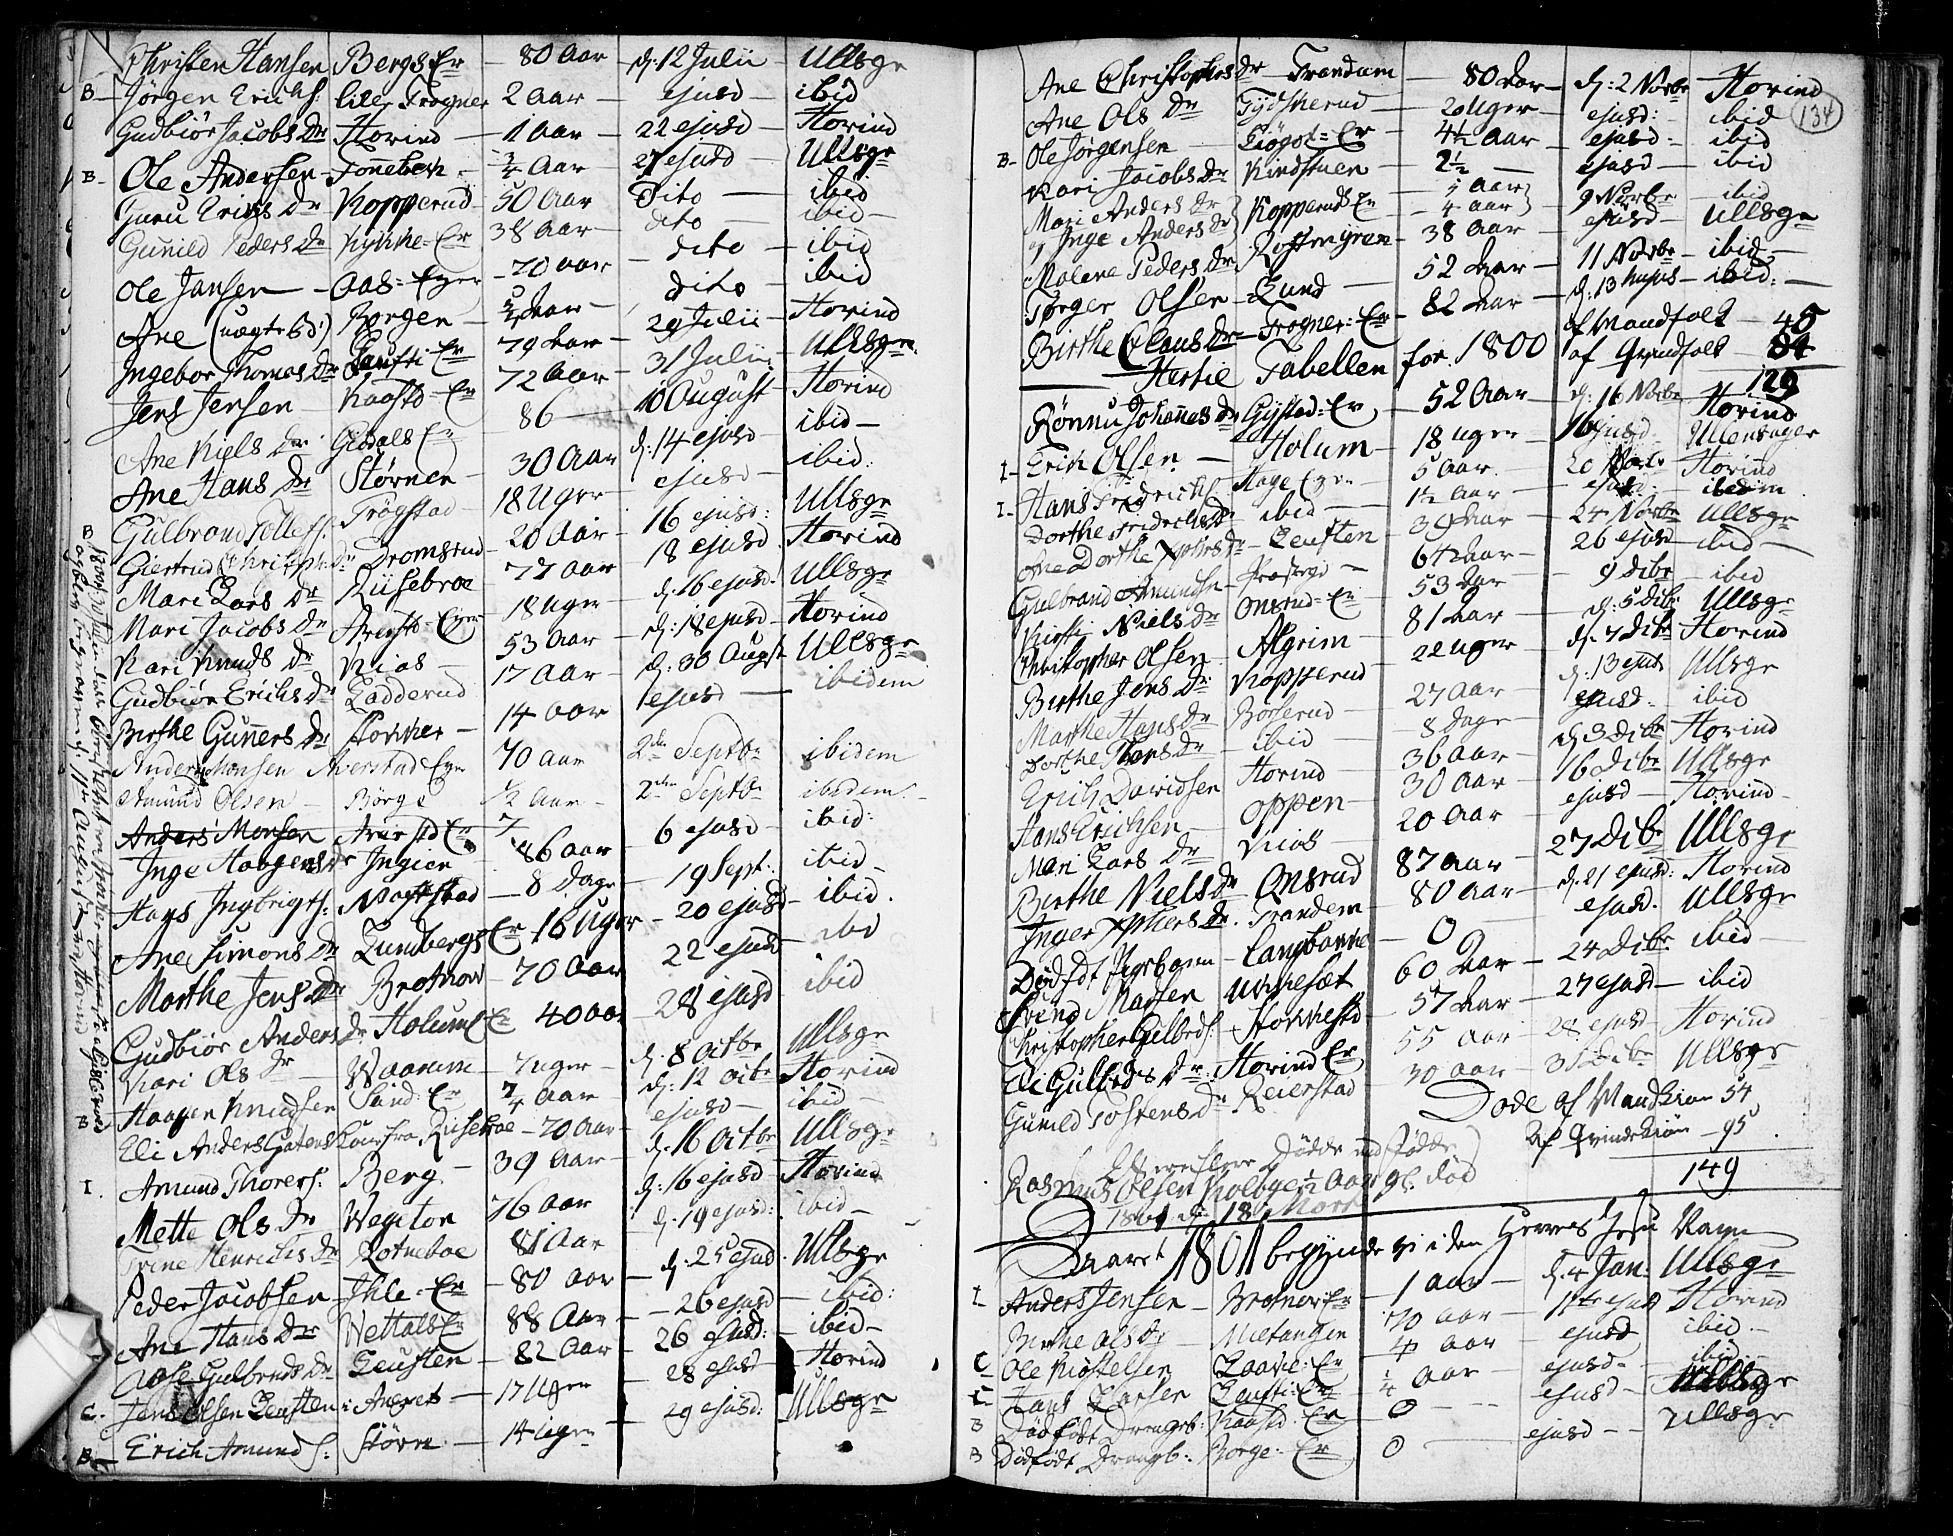 SAO, Ullensaker prestekontor Kirkebøker, F/Fa/L0011: Ministerialbok nr. I 11, 1777-1816, s. 134